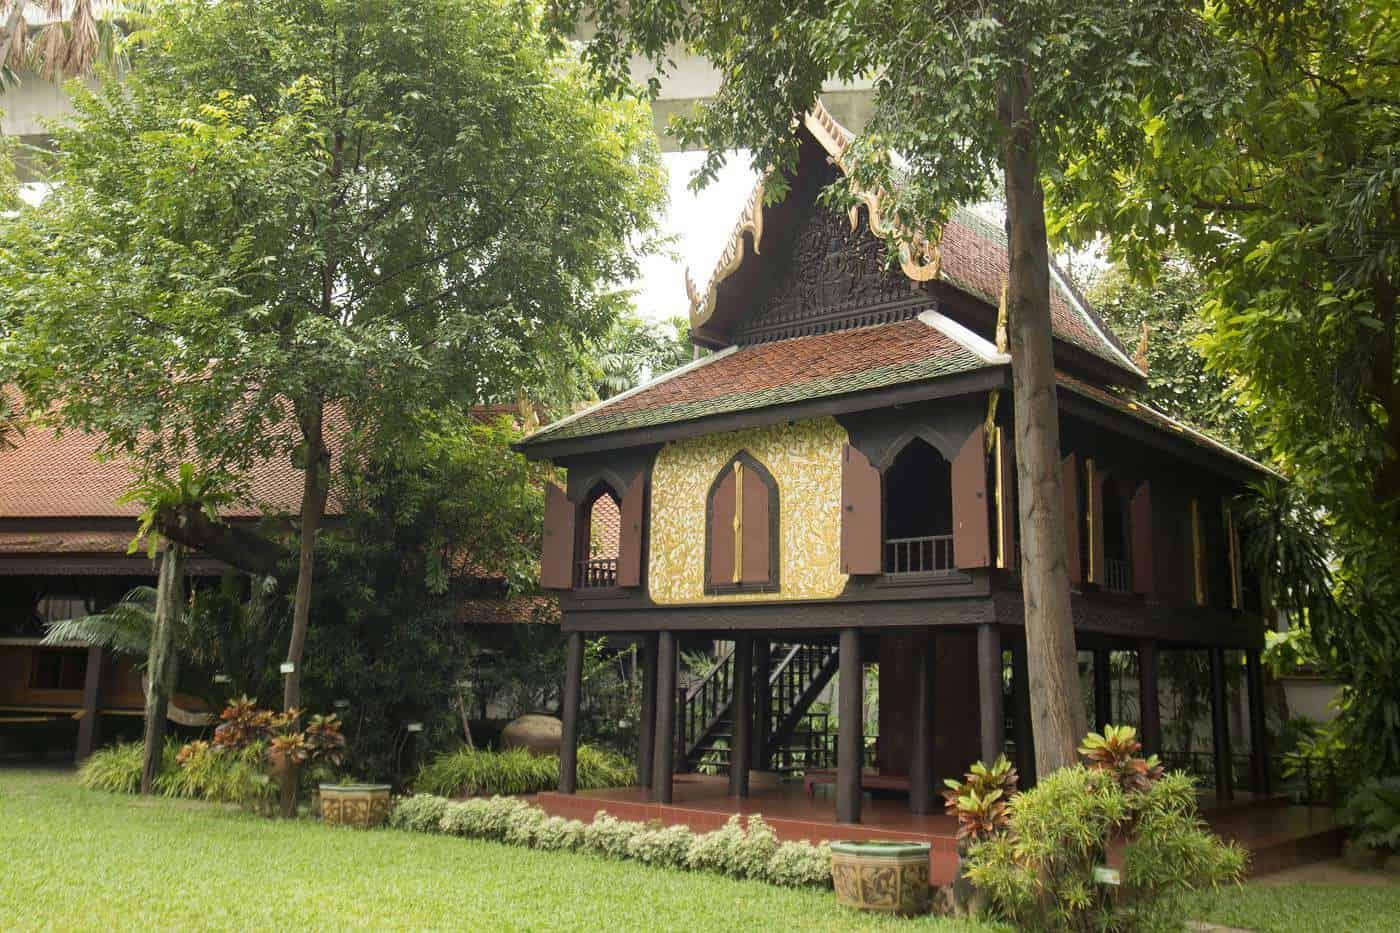 Palais Suan Pakkad